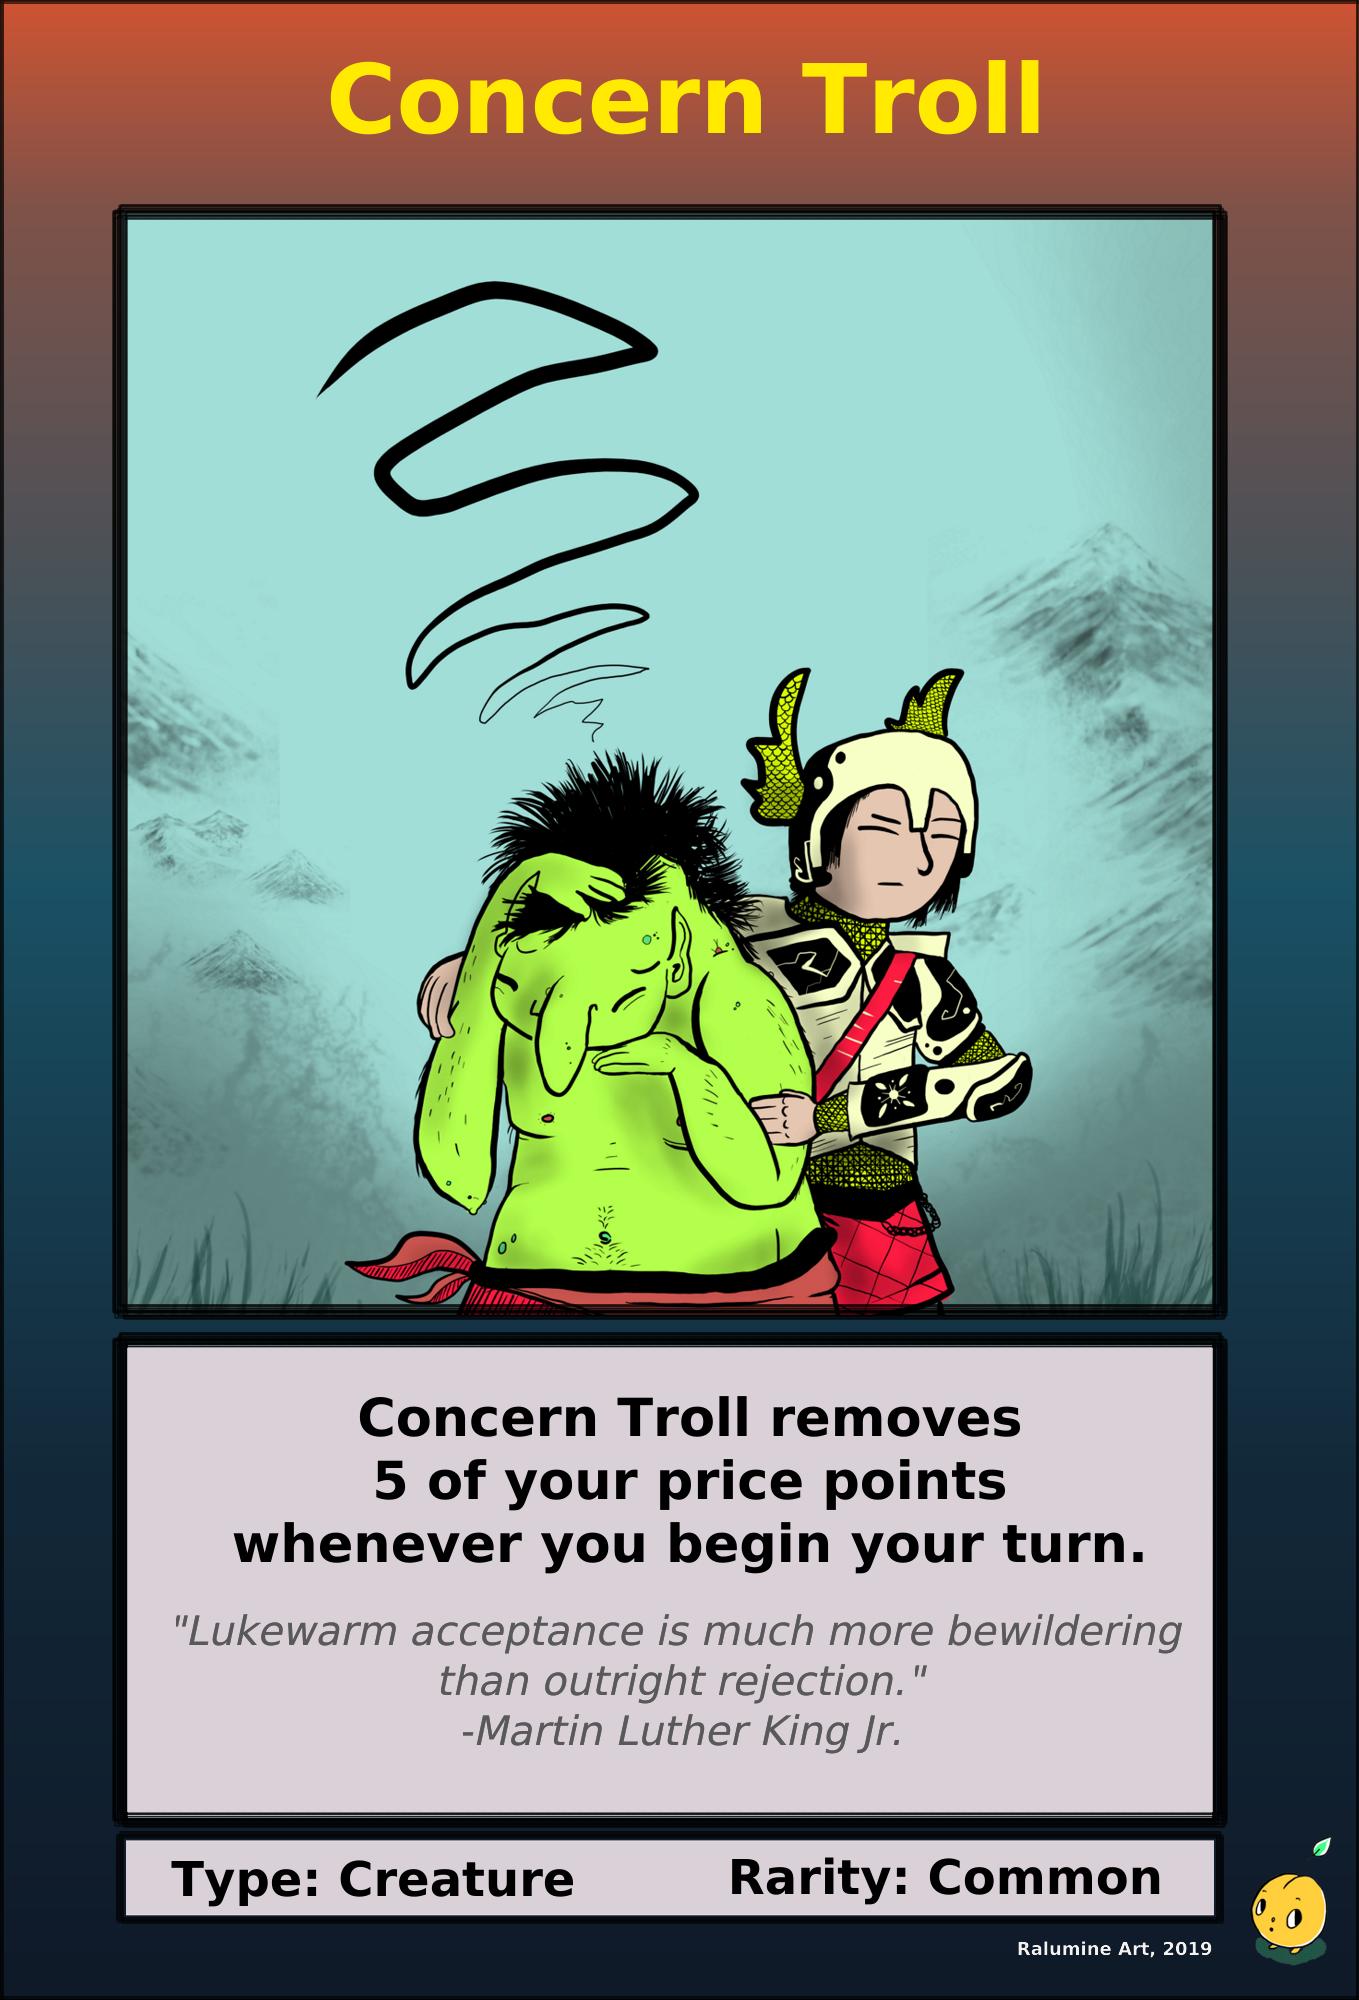 Concern Troll